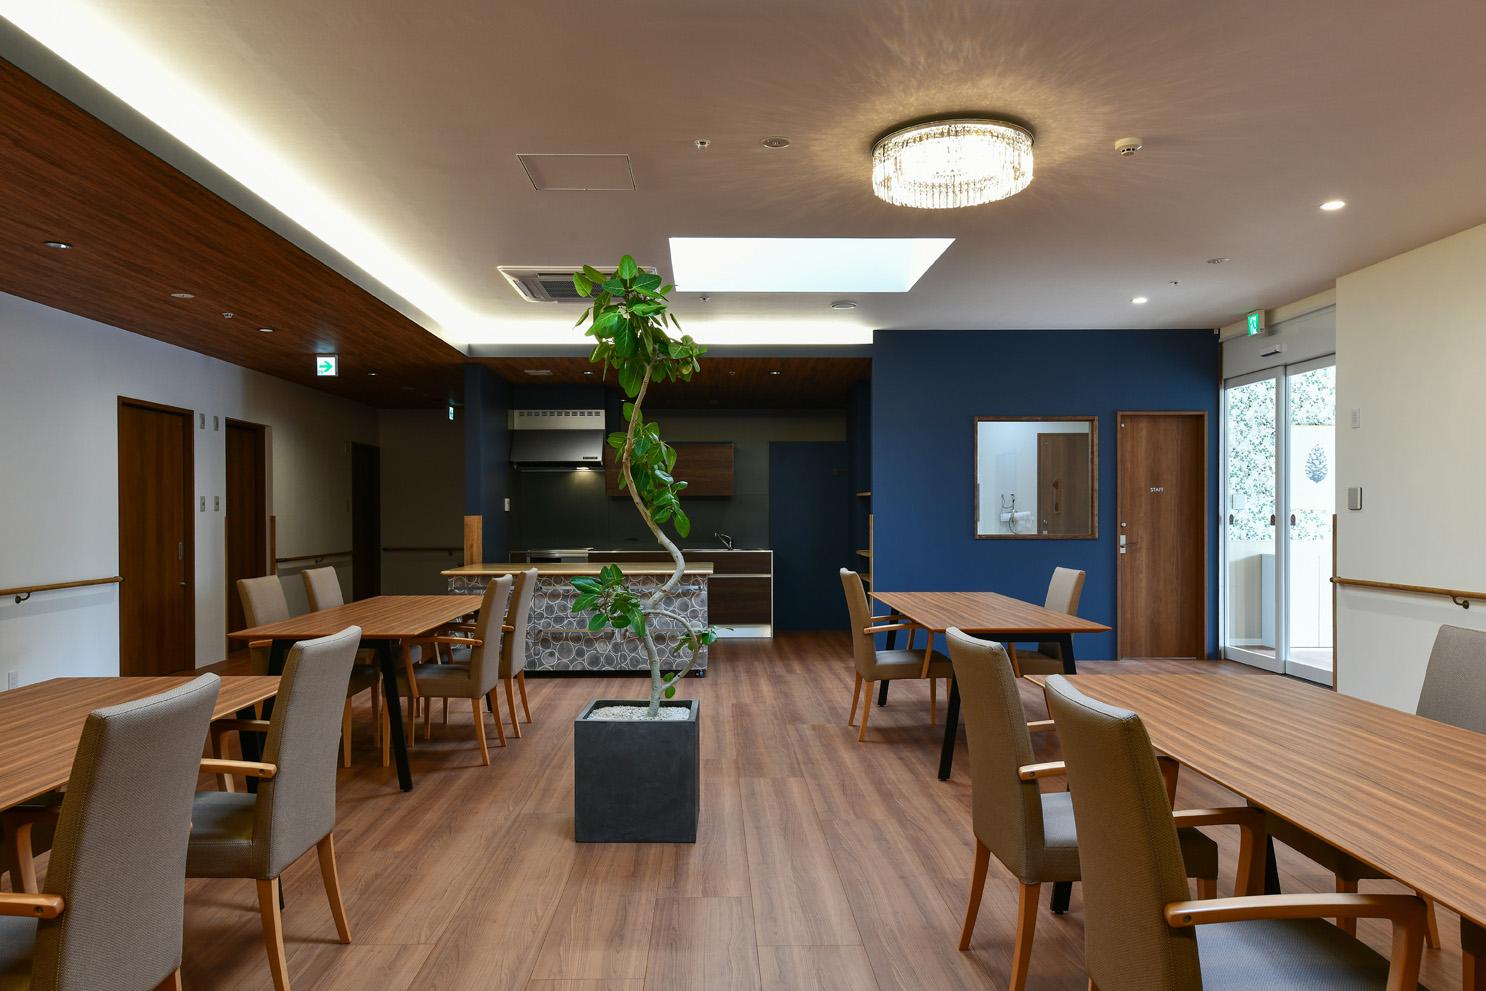 今回設計・デザインさせていただいた住宅型有料老人ホームマイホーム西阿知は、福祉先進国である北欧の「良いデザインを長く大切に使う」という文化を見習いながら、  ...